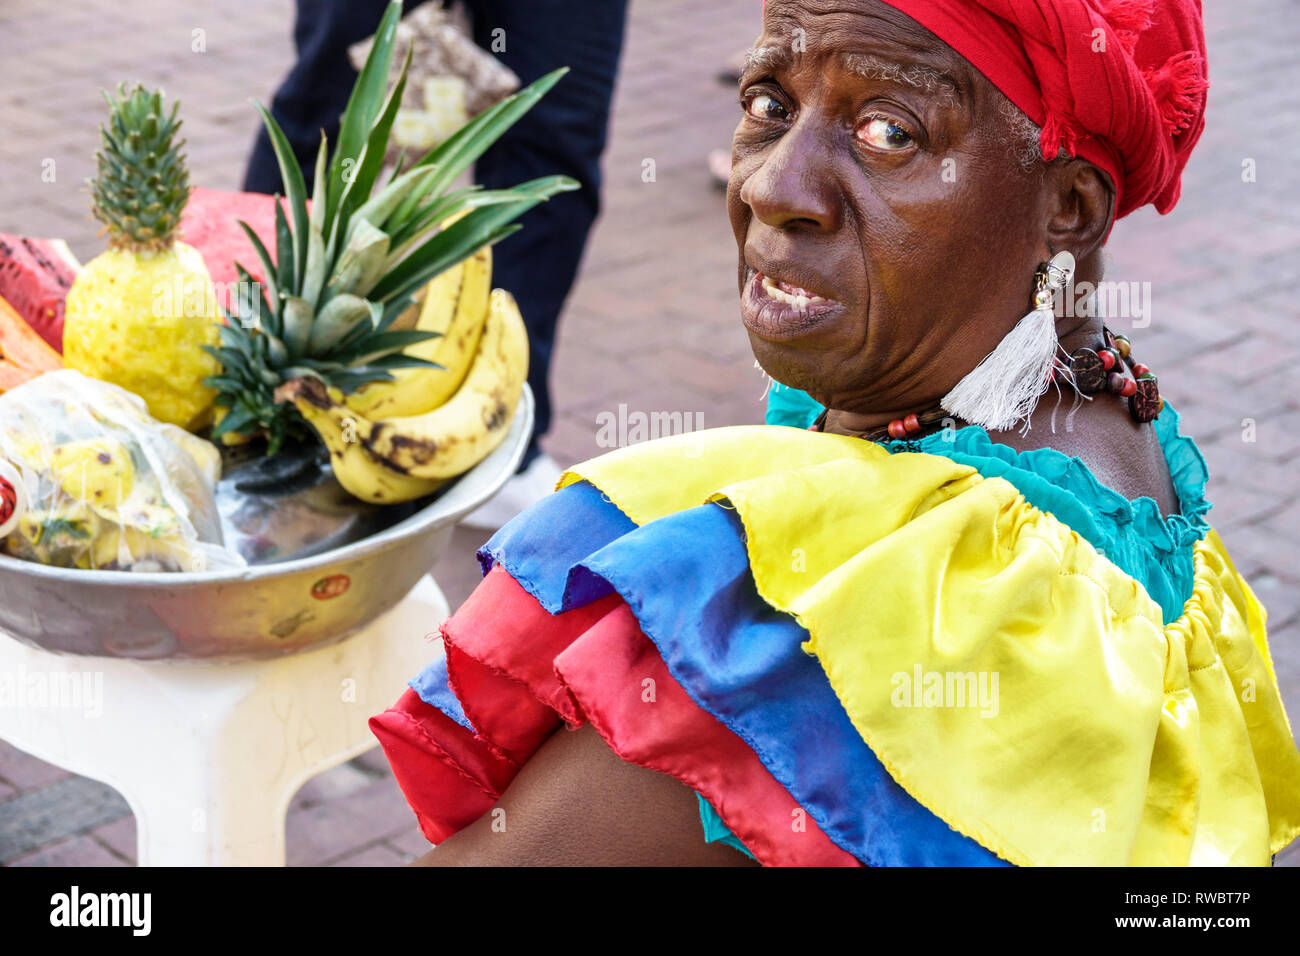 Cartagena Colombia ciudad amurallada vieja Centro Centro Plaza San Pedro Claver negro mujer Palenquera Afrocaribeña traje tradicional proveedor de frutas Imagen De Stock